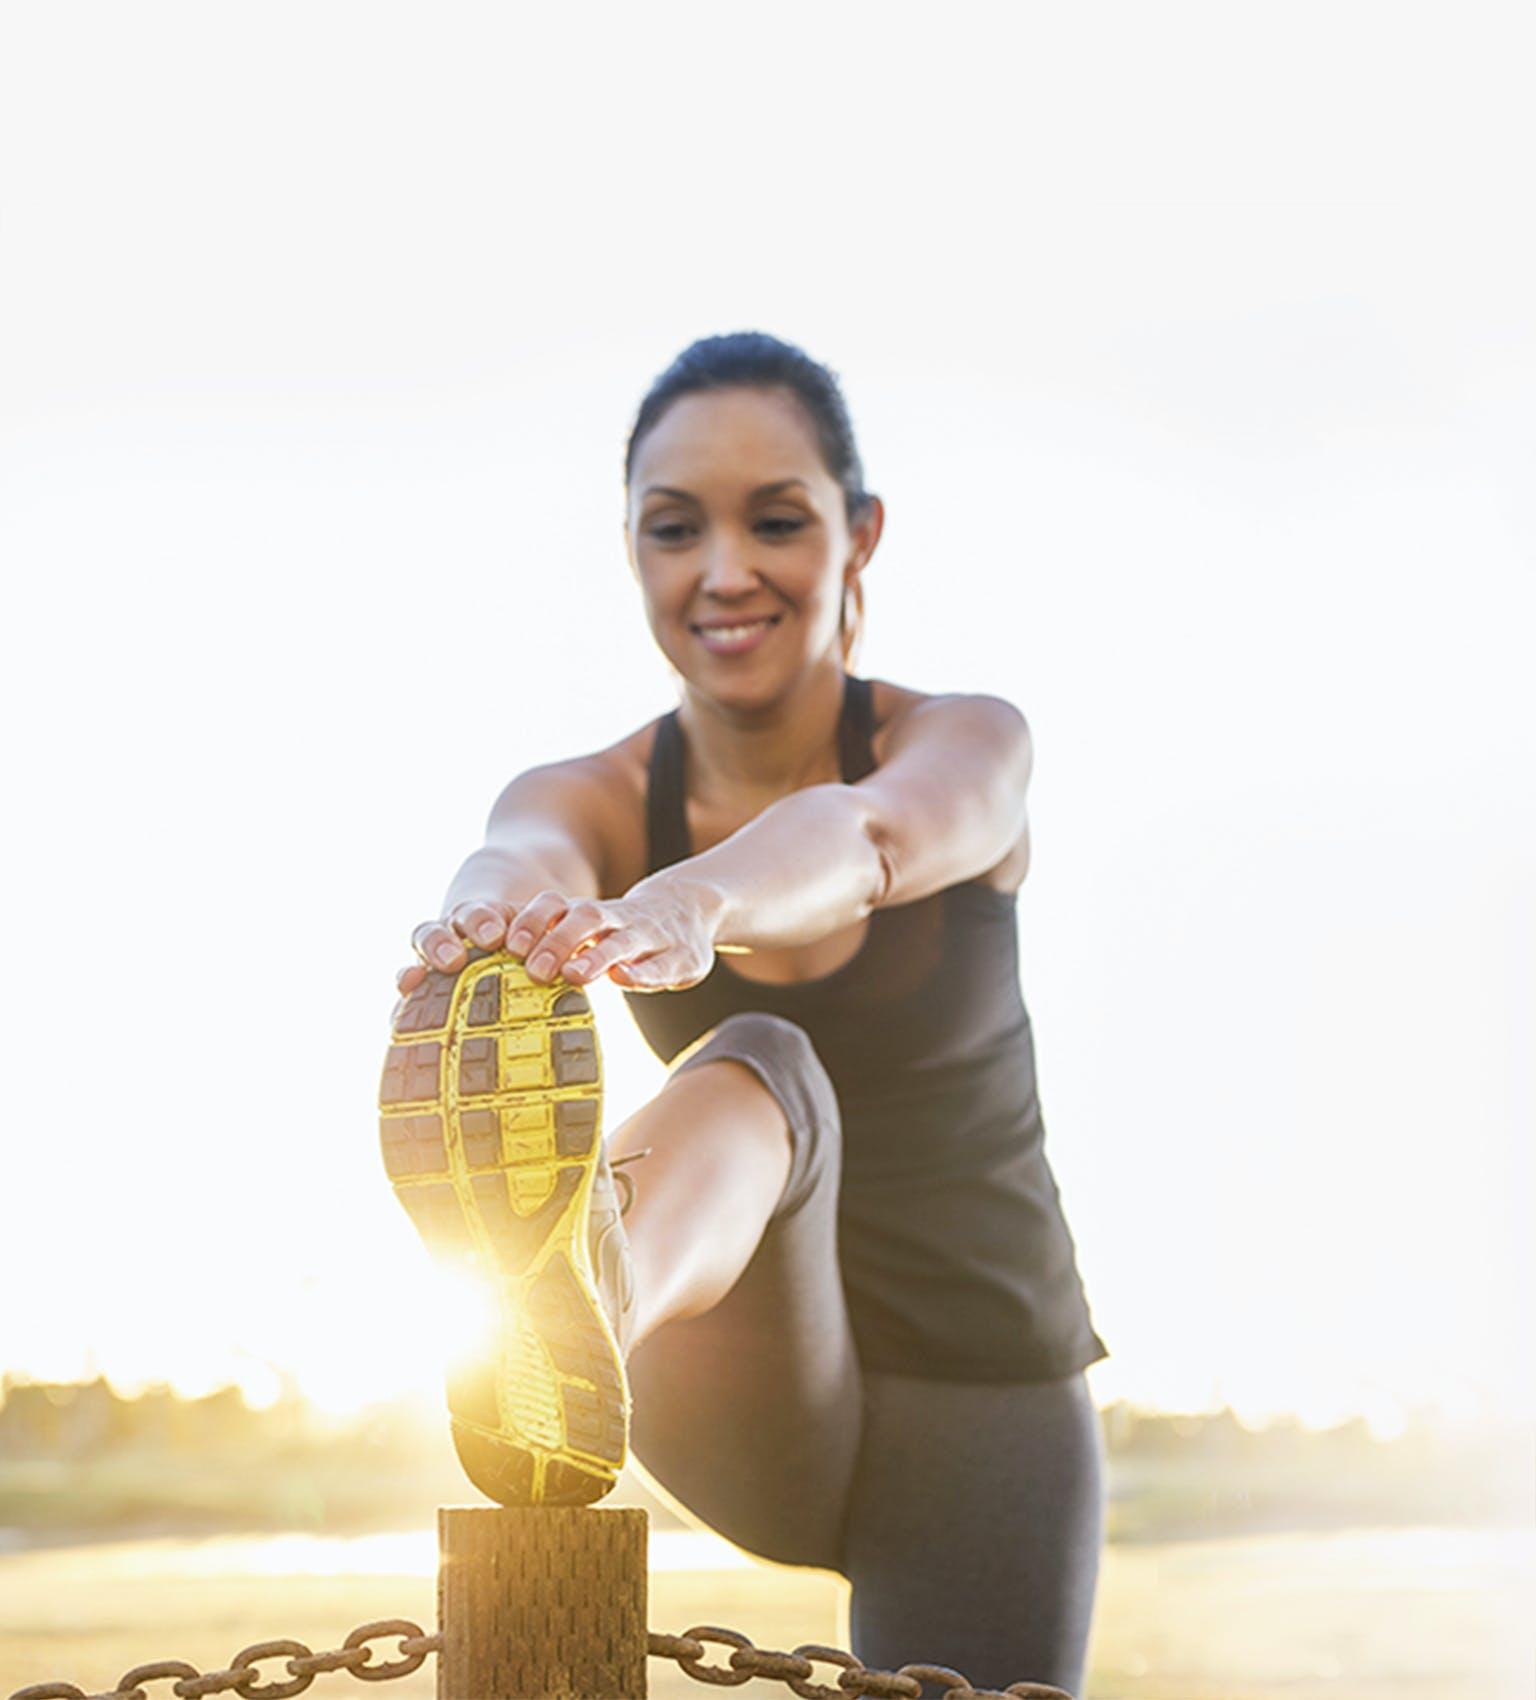 Femme s'étirant et se préparant à l'exercice